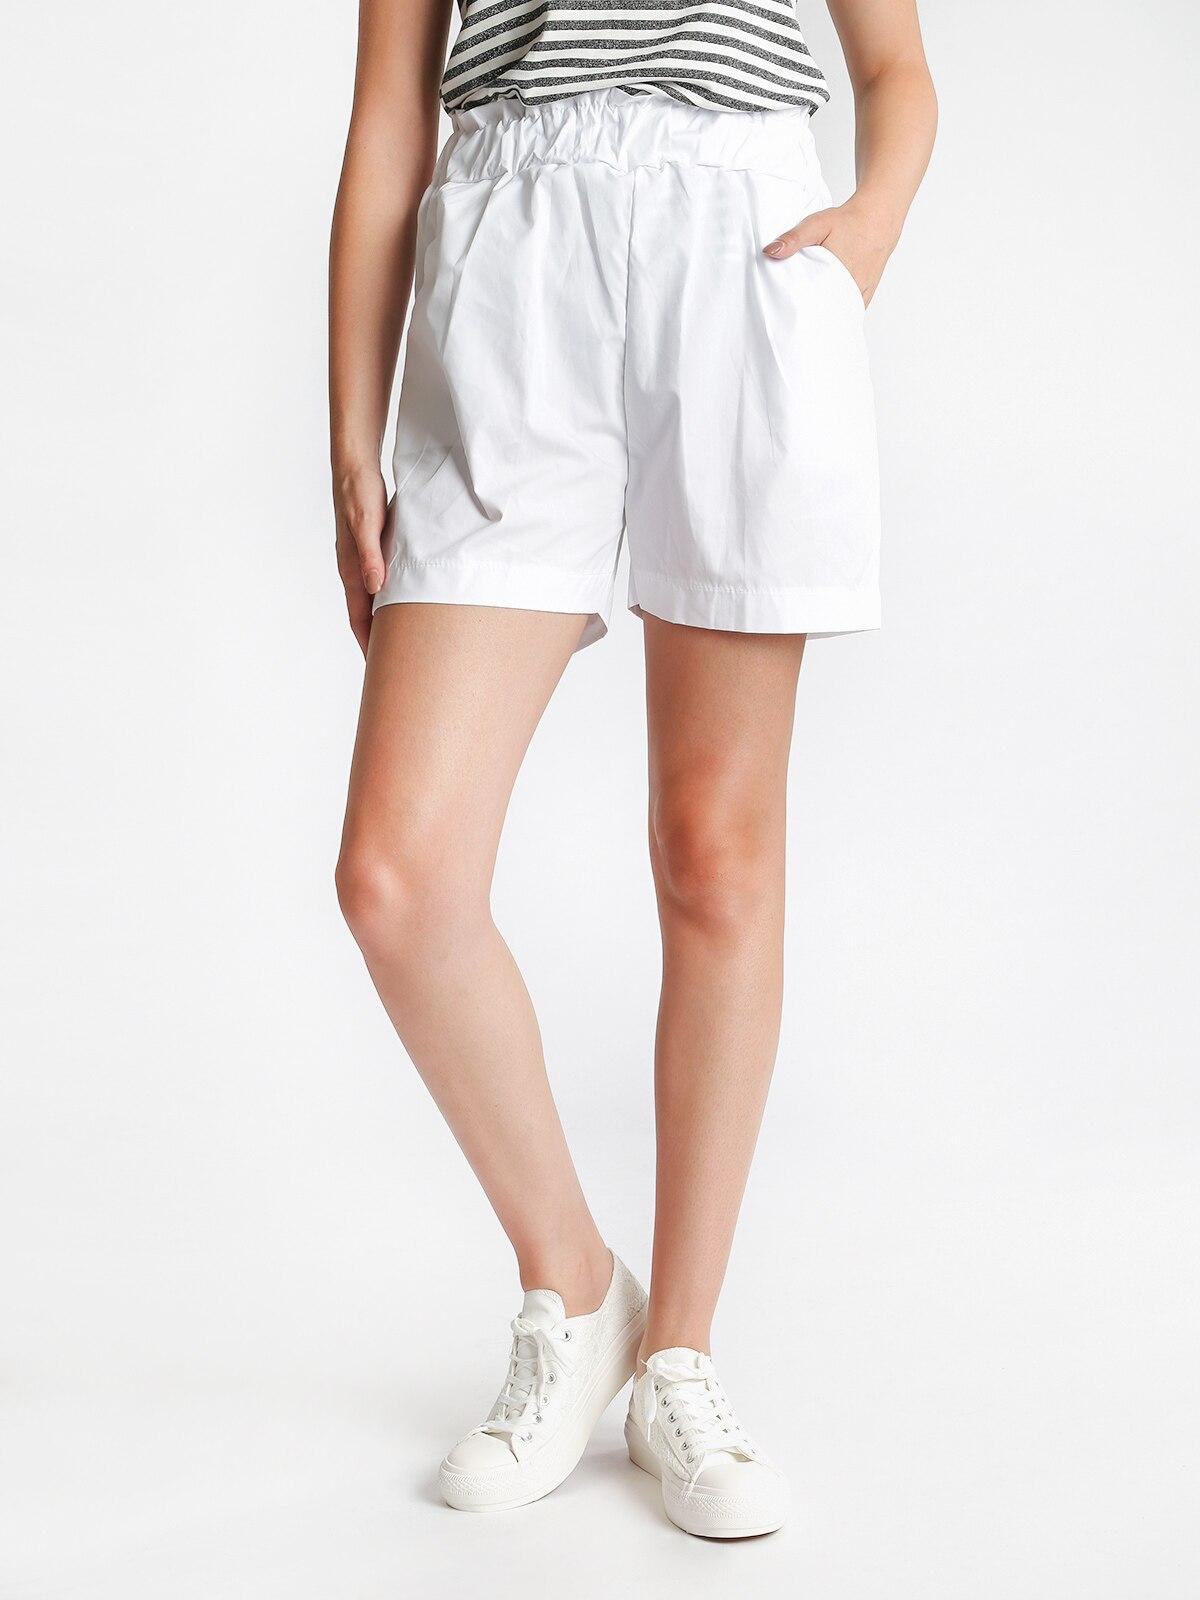 High Waist Shorts Cotton